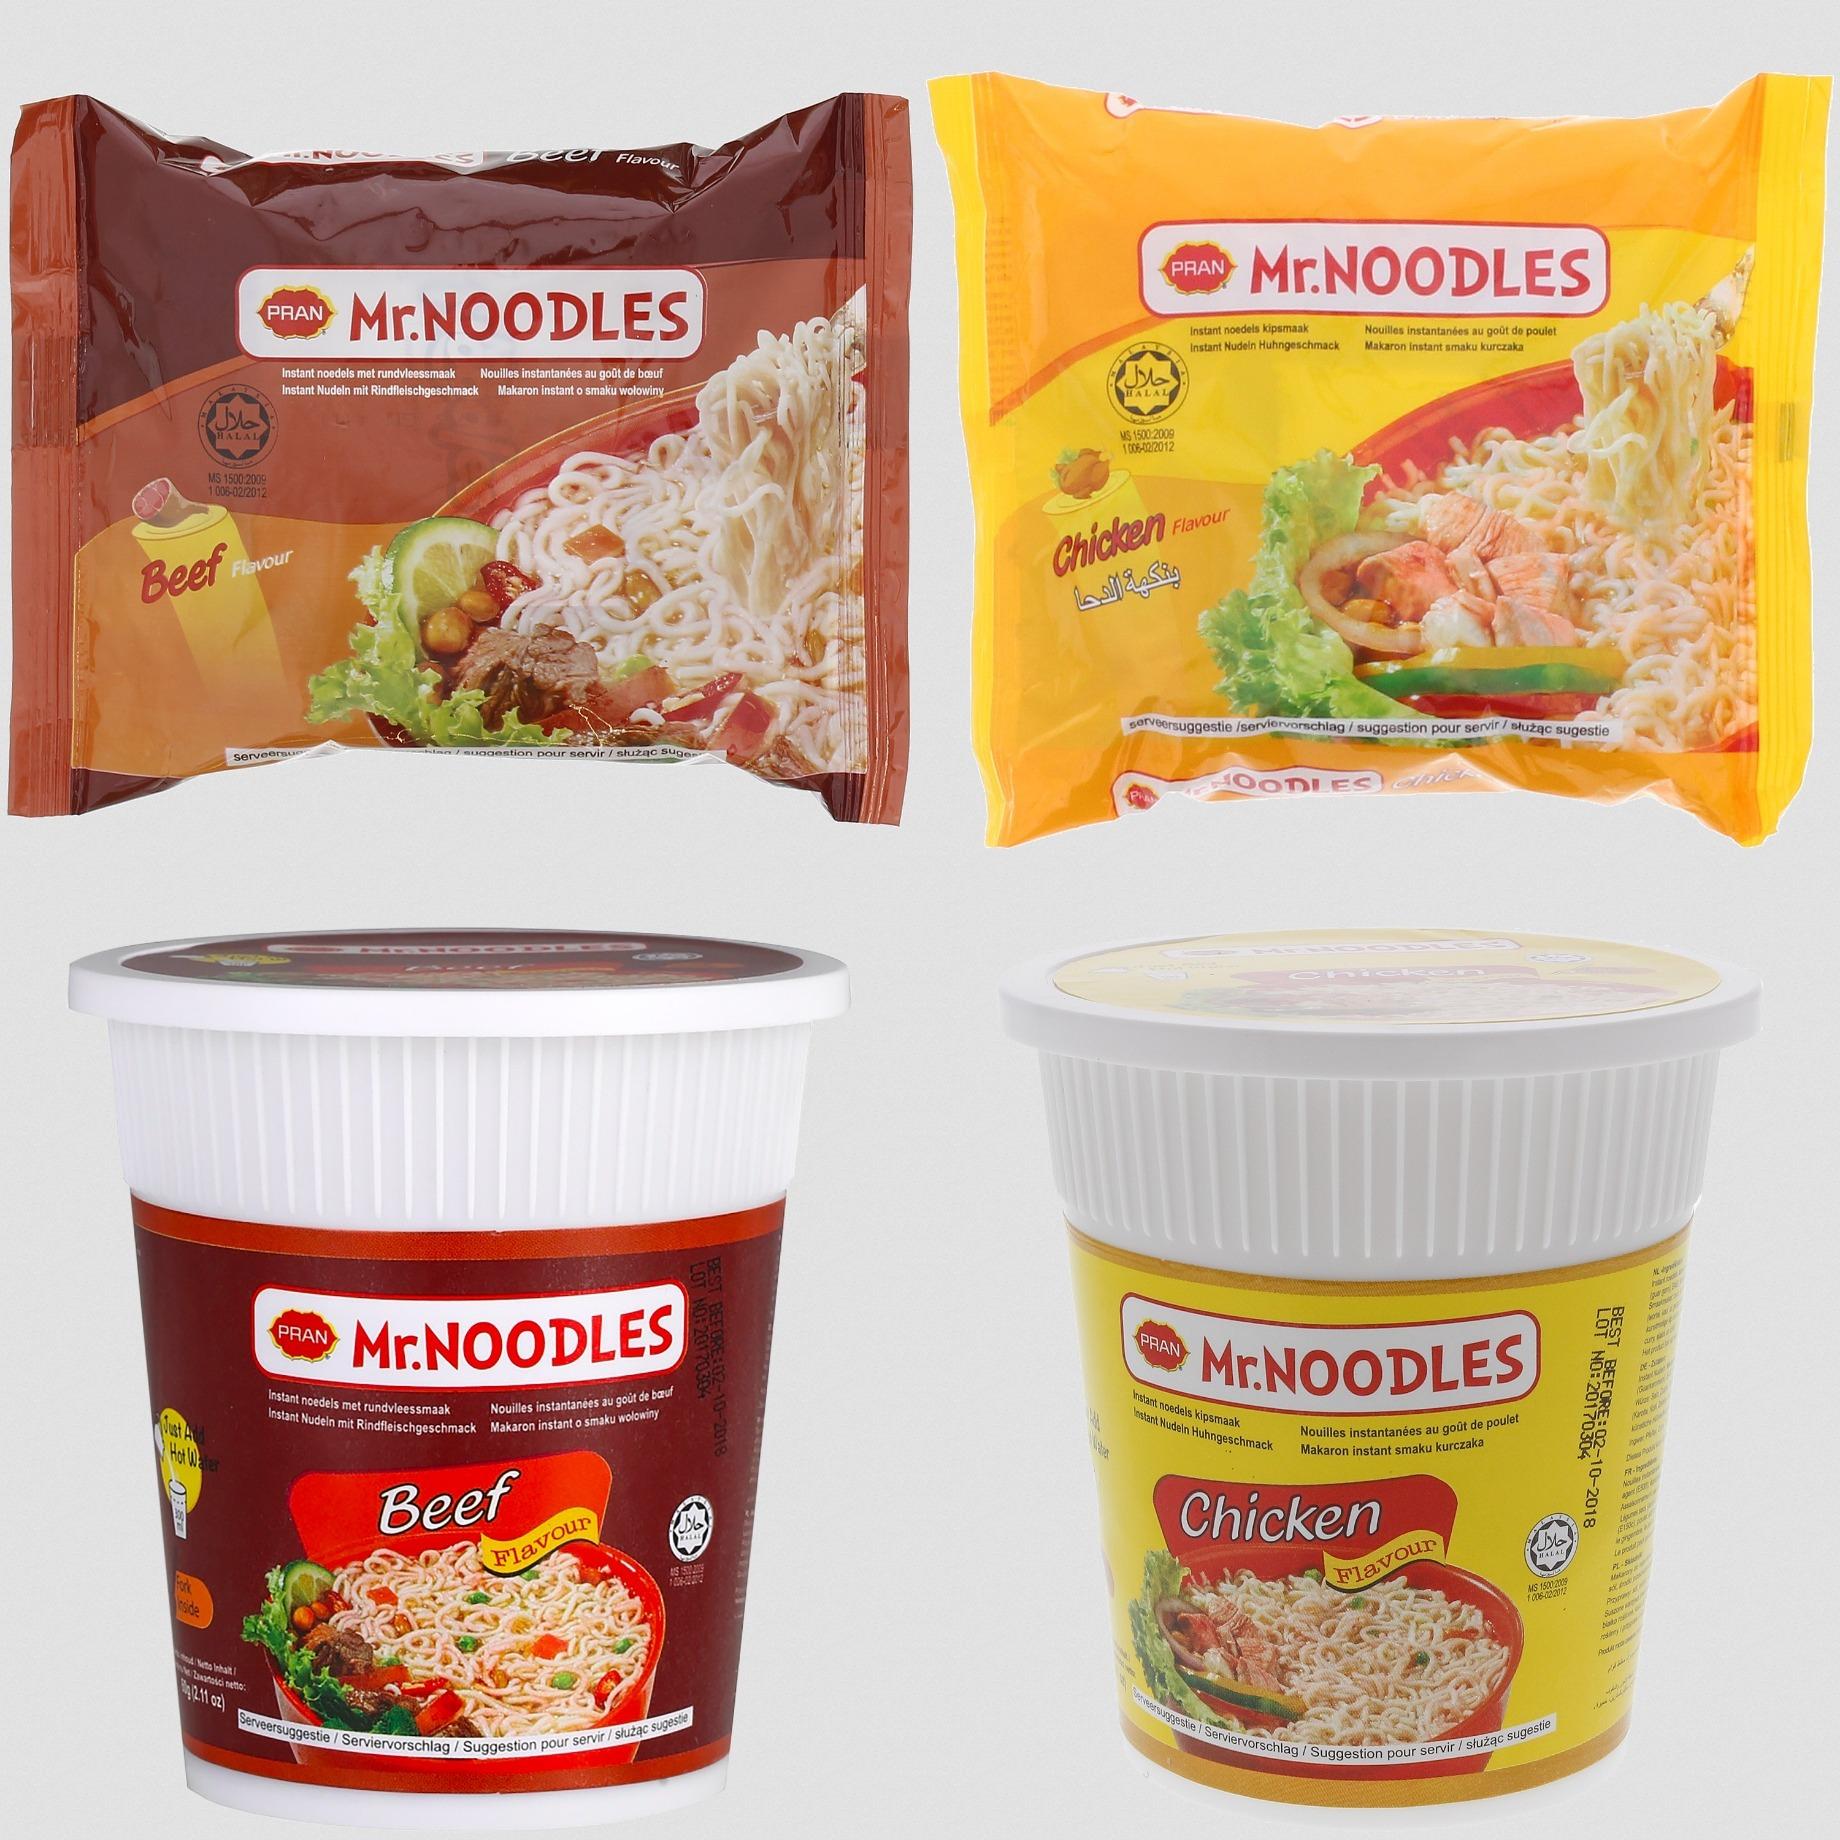 Mr Noodles ab 0,19€ und Umzugskarton für 0,87€ @ Action